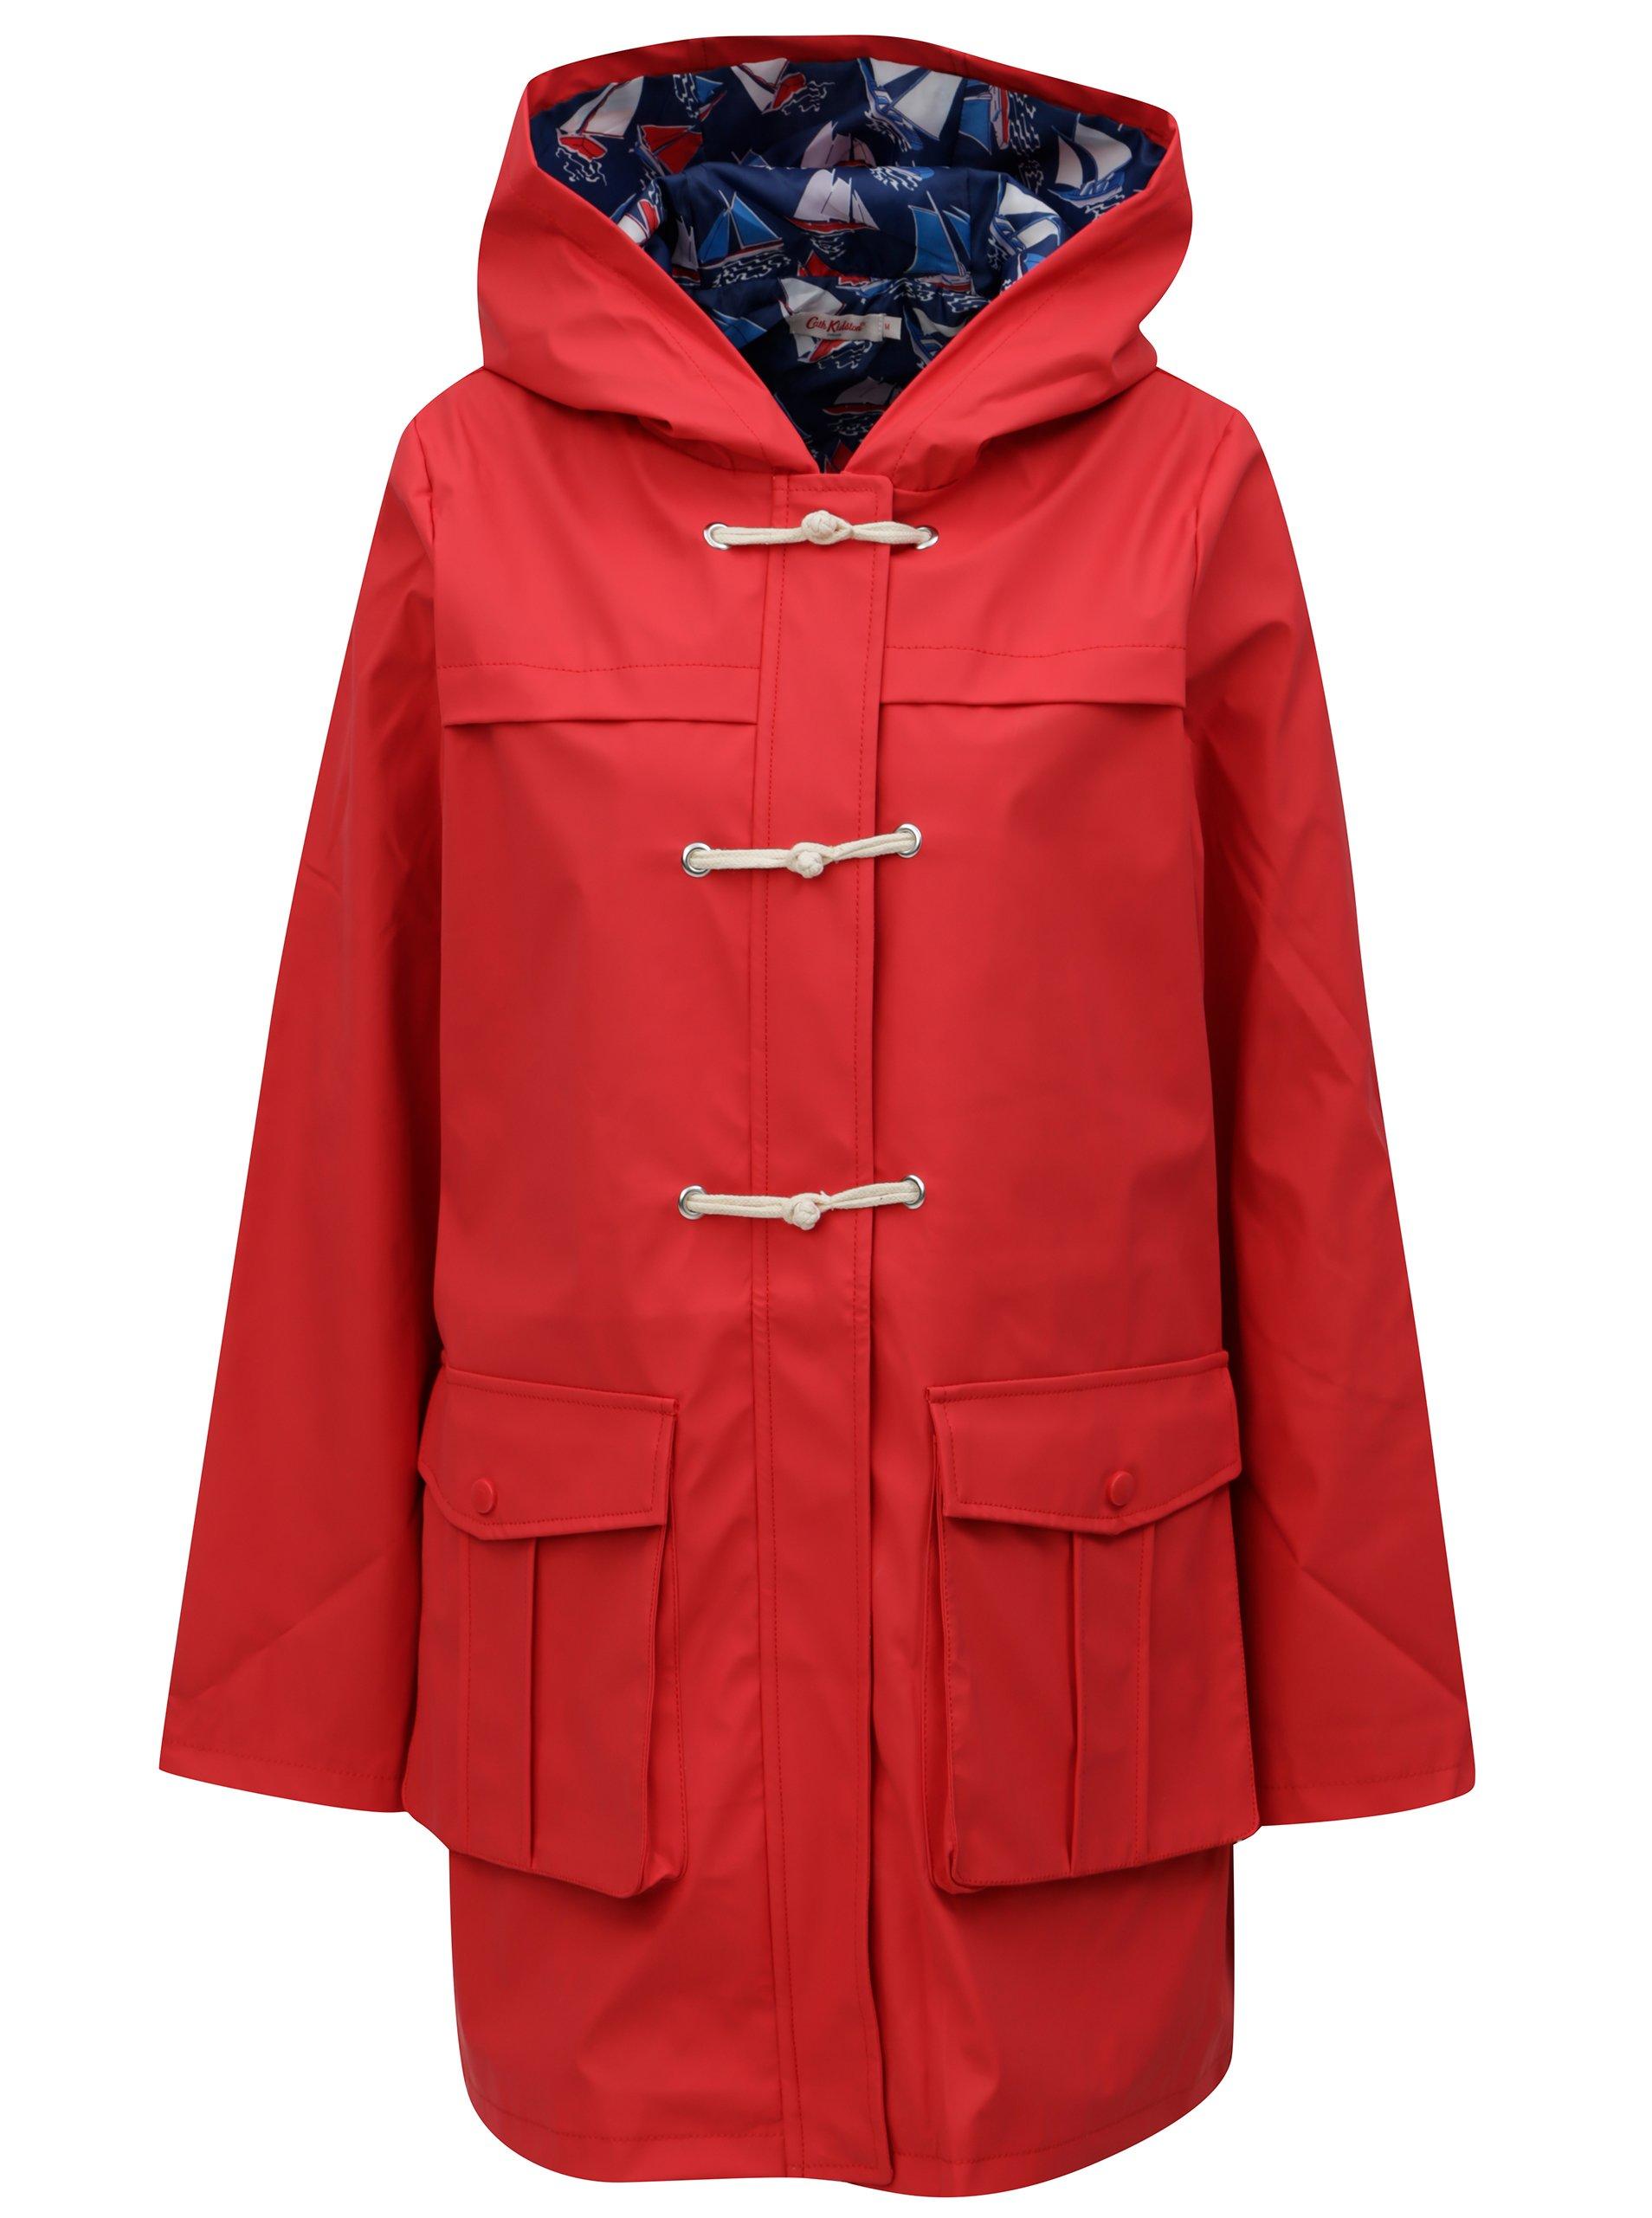 Červená dámská nepromokavá lehká bunda s kapucí Cath Kidston